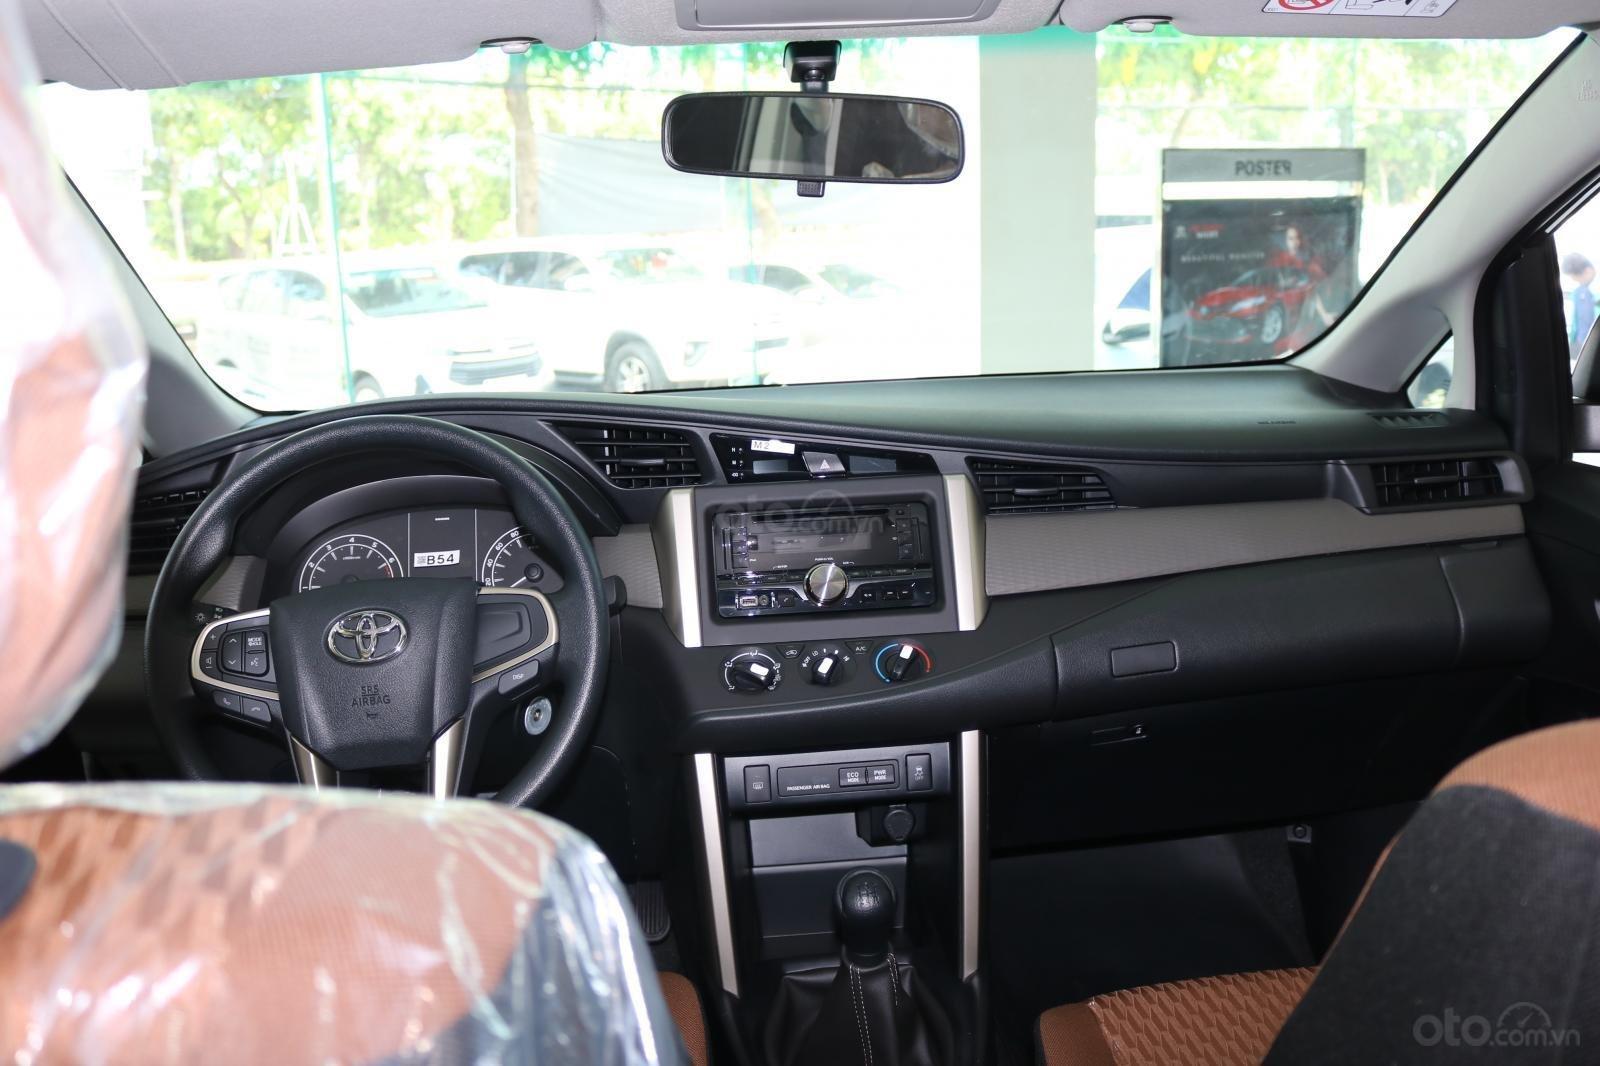 Toyota Innova 2.0E số sàn, đủ màu, giao ngay, khuyến mãi khủng-5